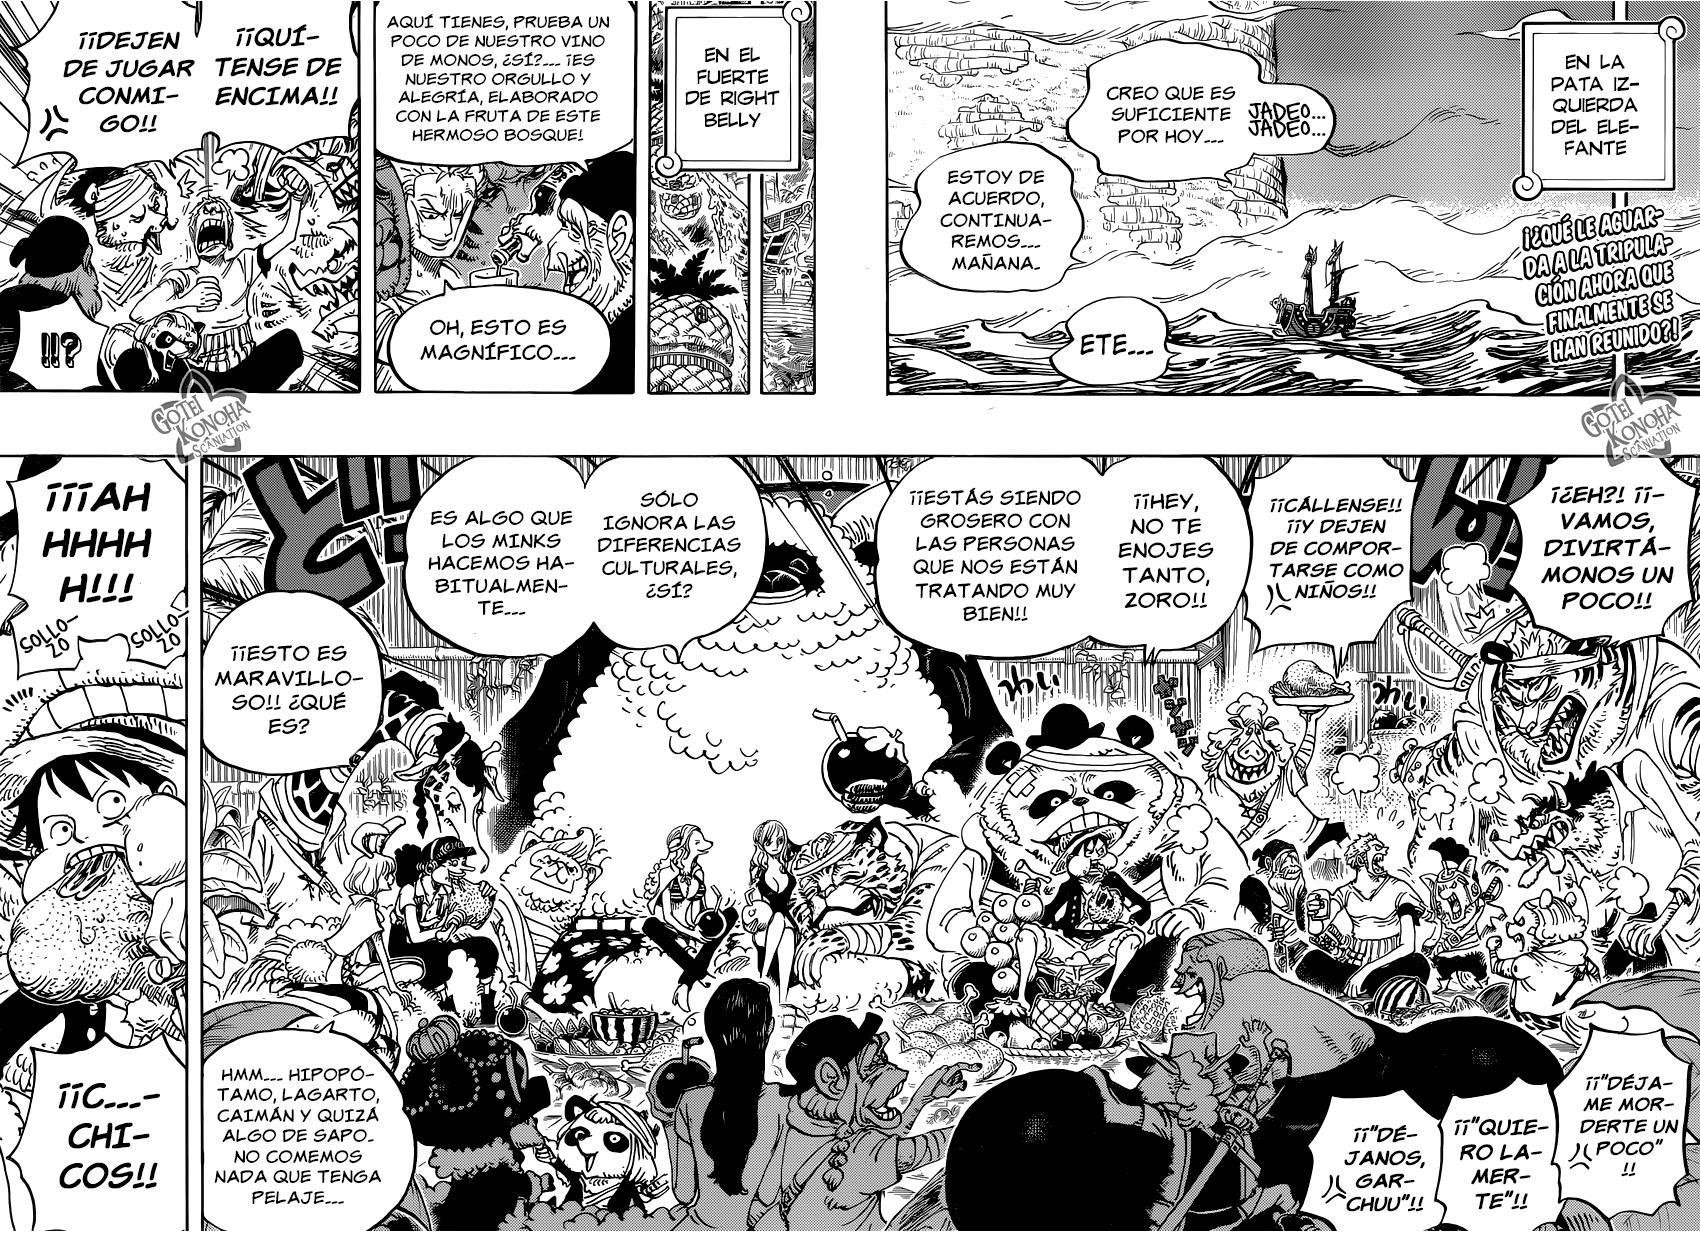 http://c5.ninemanga.com/es_manga/50/114/430691/72d7e3b85700ddfd5f3f010d5507e13e.jpg Page 3